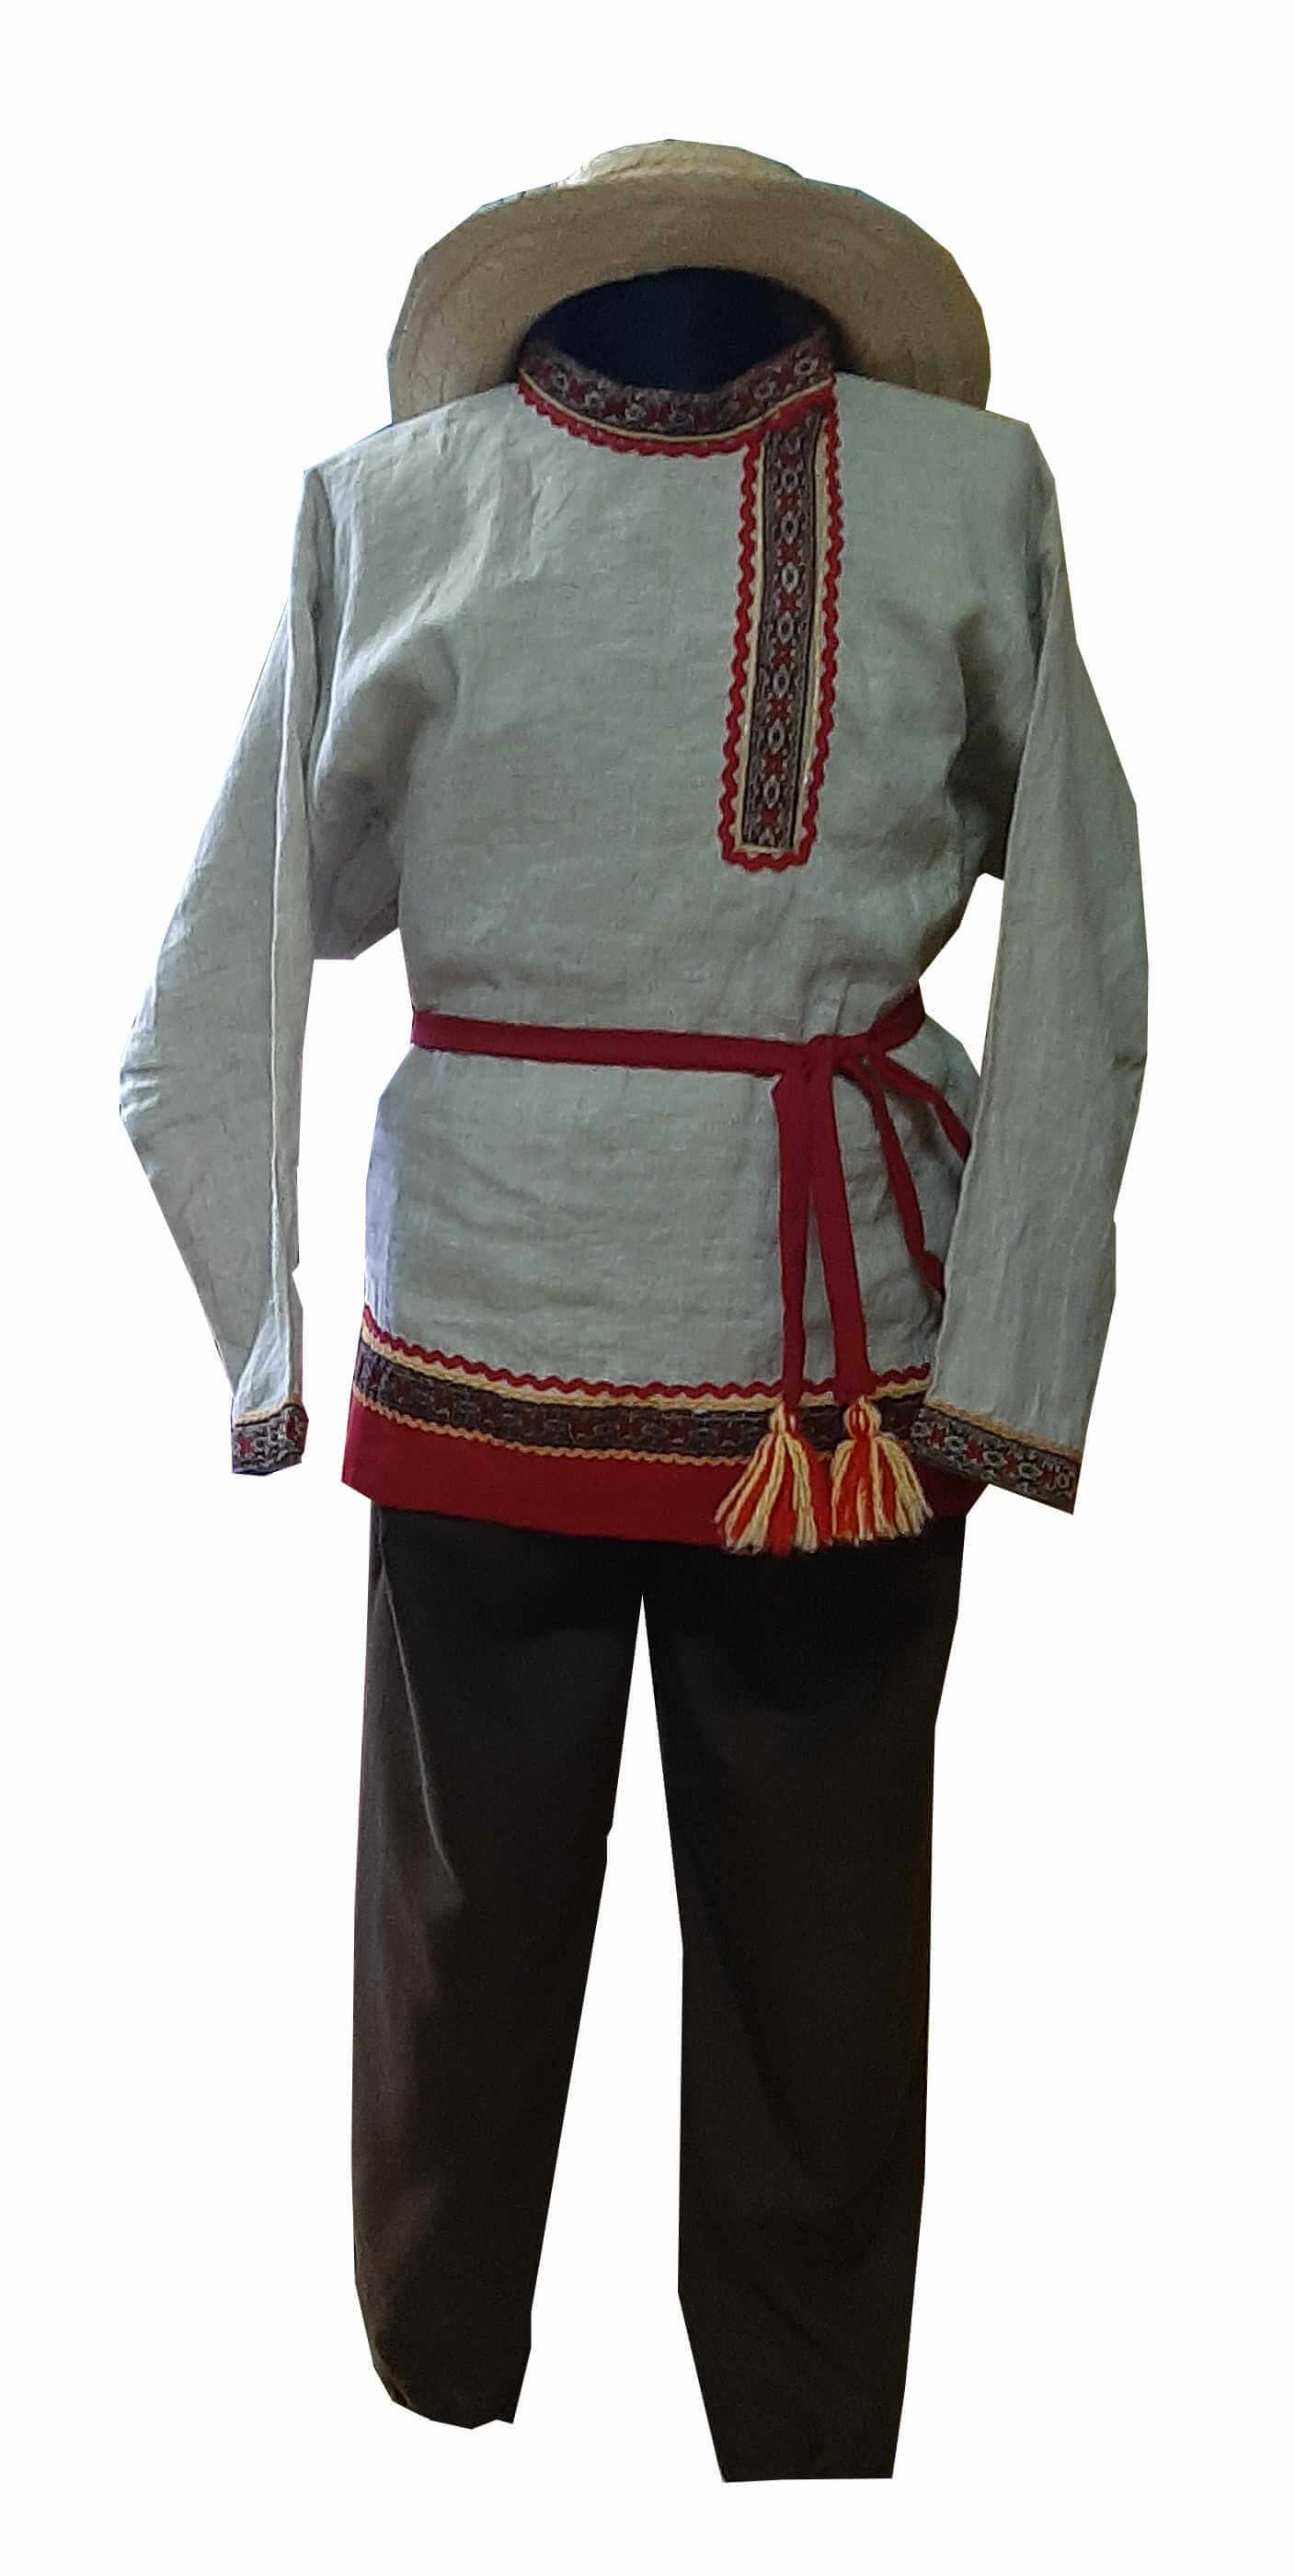 Piemenėlio kostiumas.  Profesijų karnavaliniai kostiumai. Karnavalinių kostiumų nuoma vaikams Vilniuje - pasakunamai.lt